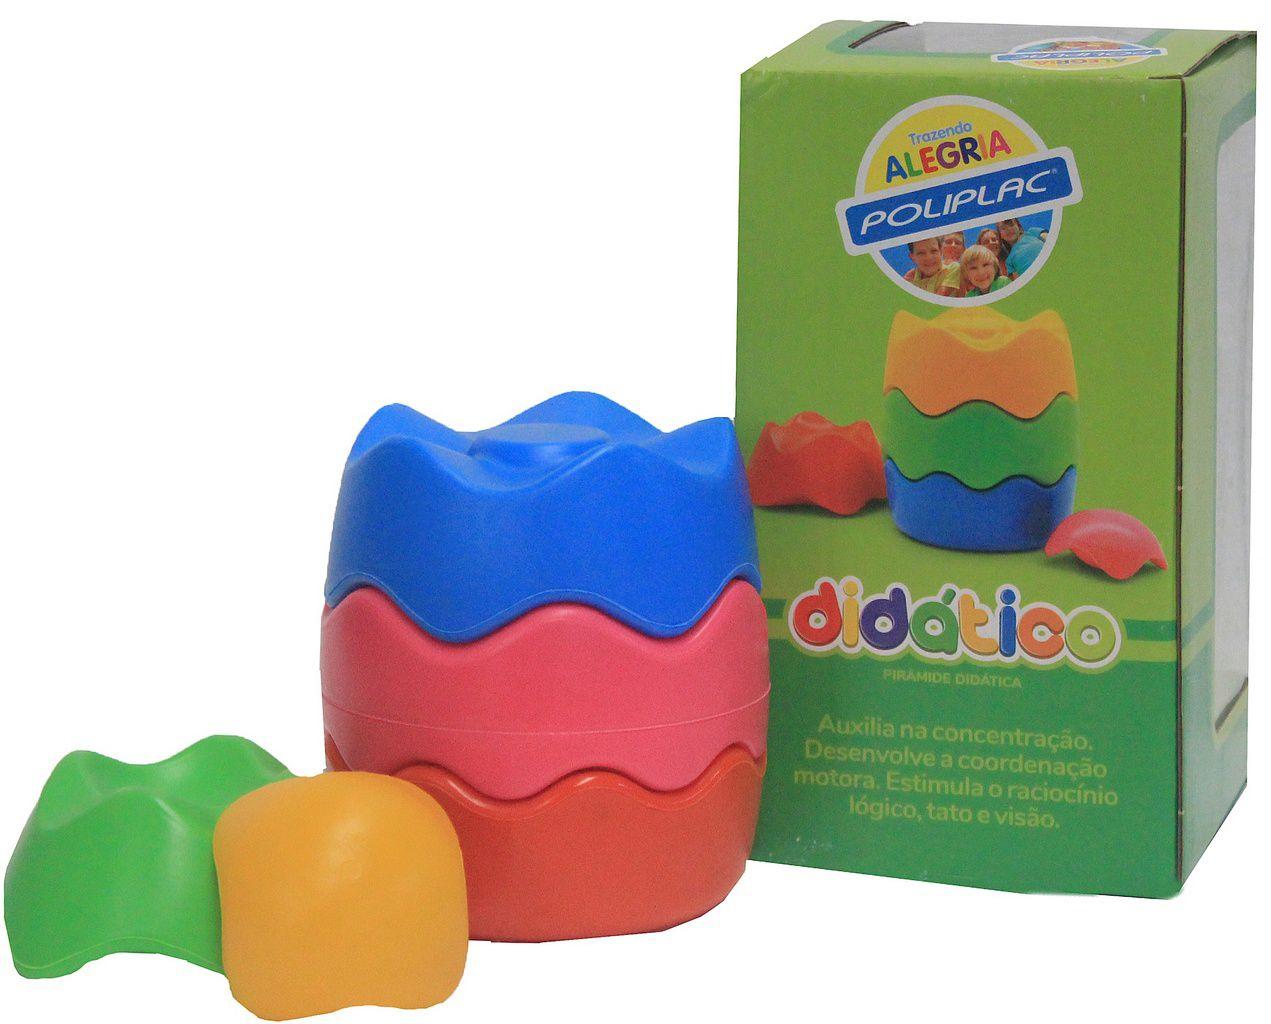 Pirâmide Didática Poliplac Colorido Infantil Desenvolve a Coordenação Motora Tato Visão Original Resistente